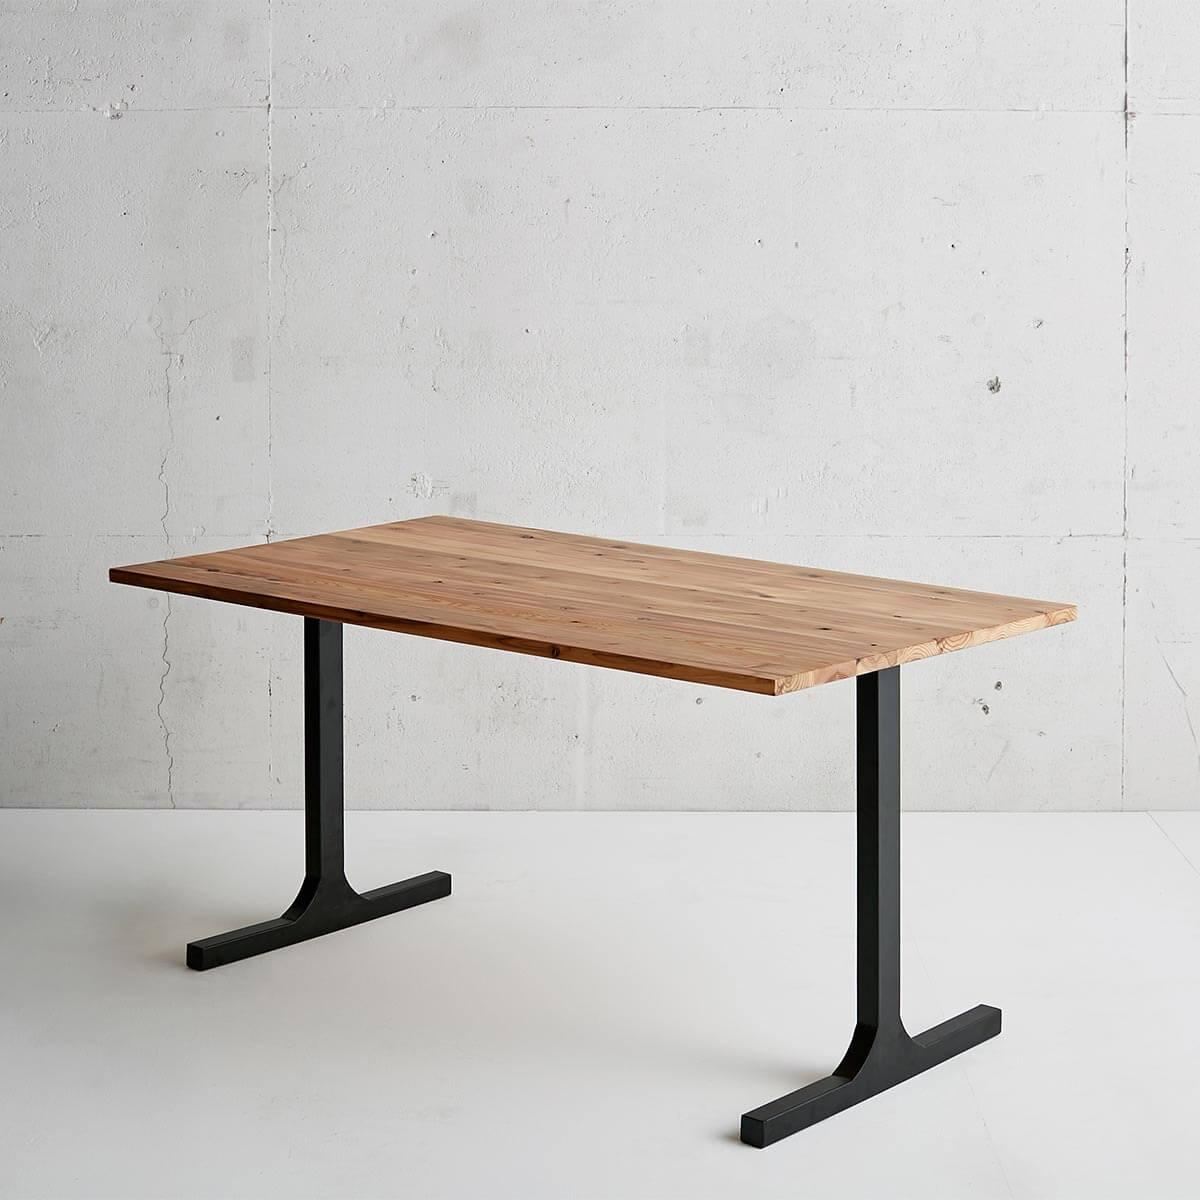 杉無垢材テーブル I shaped アイアン脚